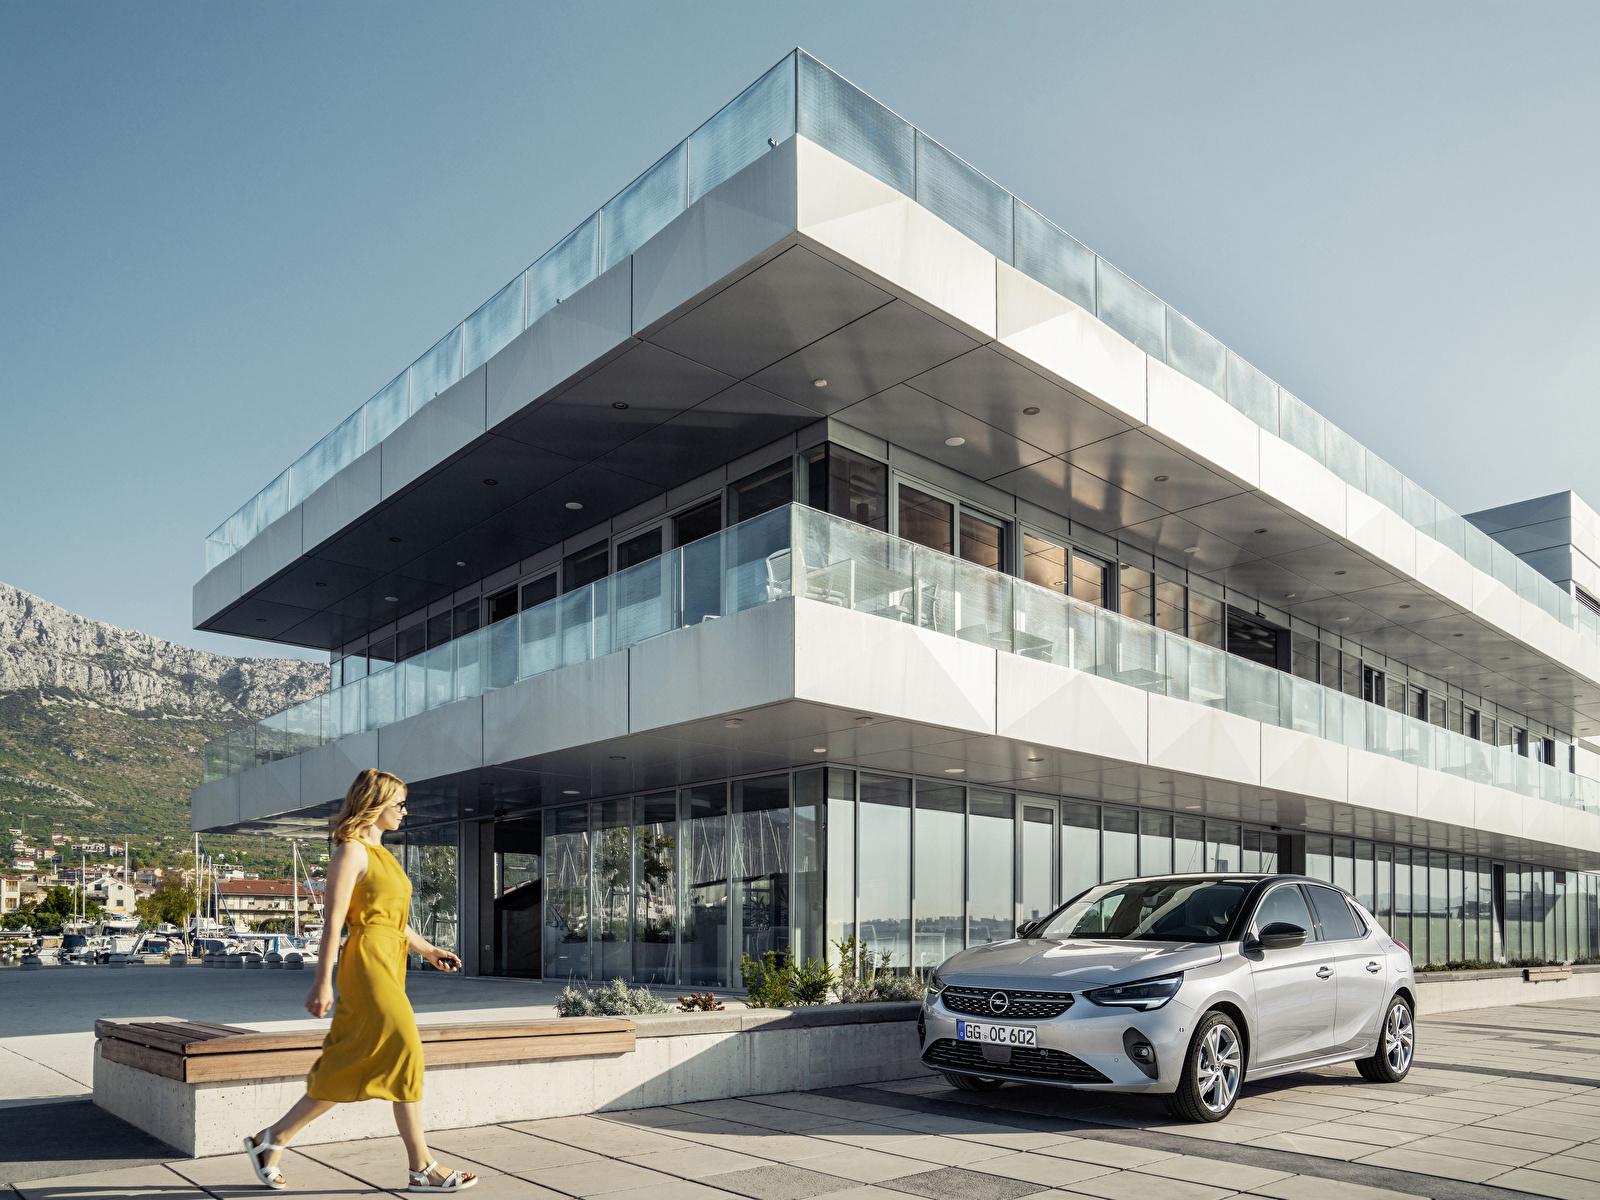 1600x1200 Opel 2019-20 Corsa Argent couleur voiture, automobile Voitures